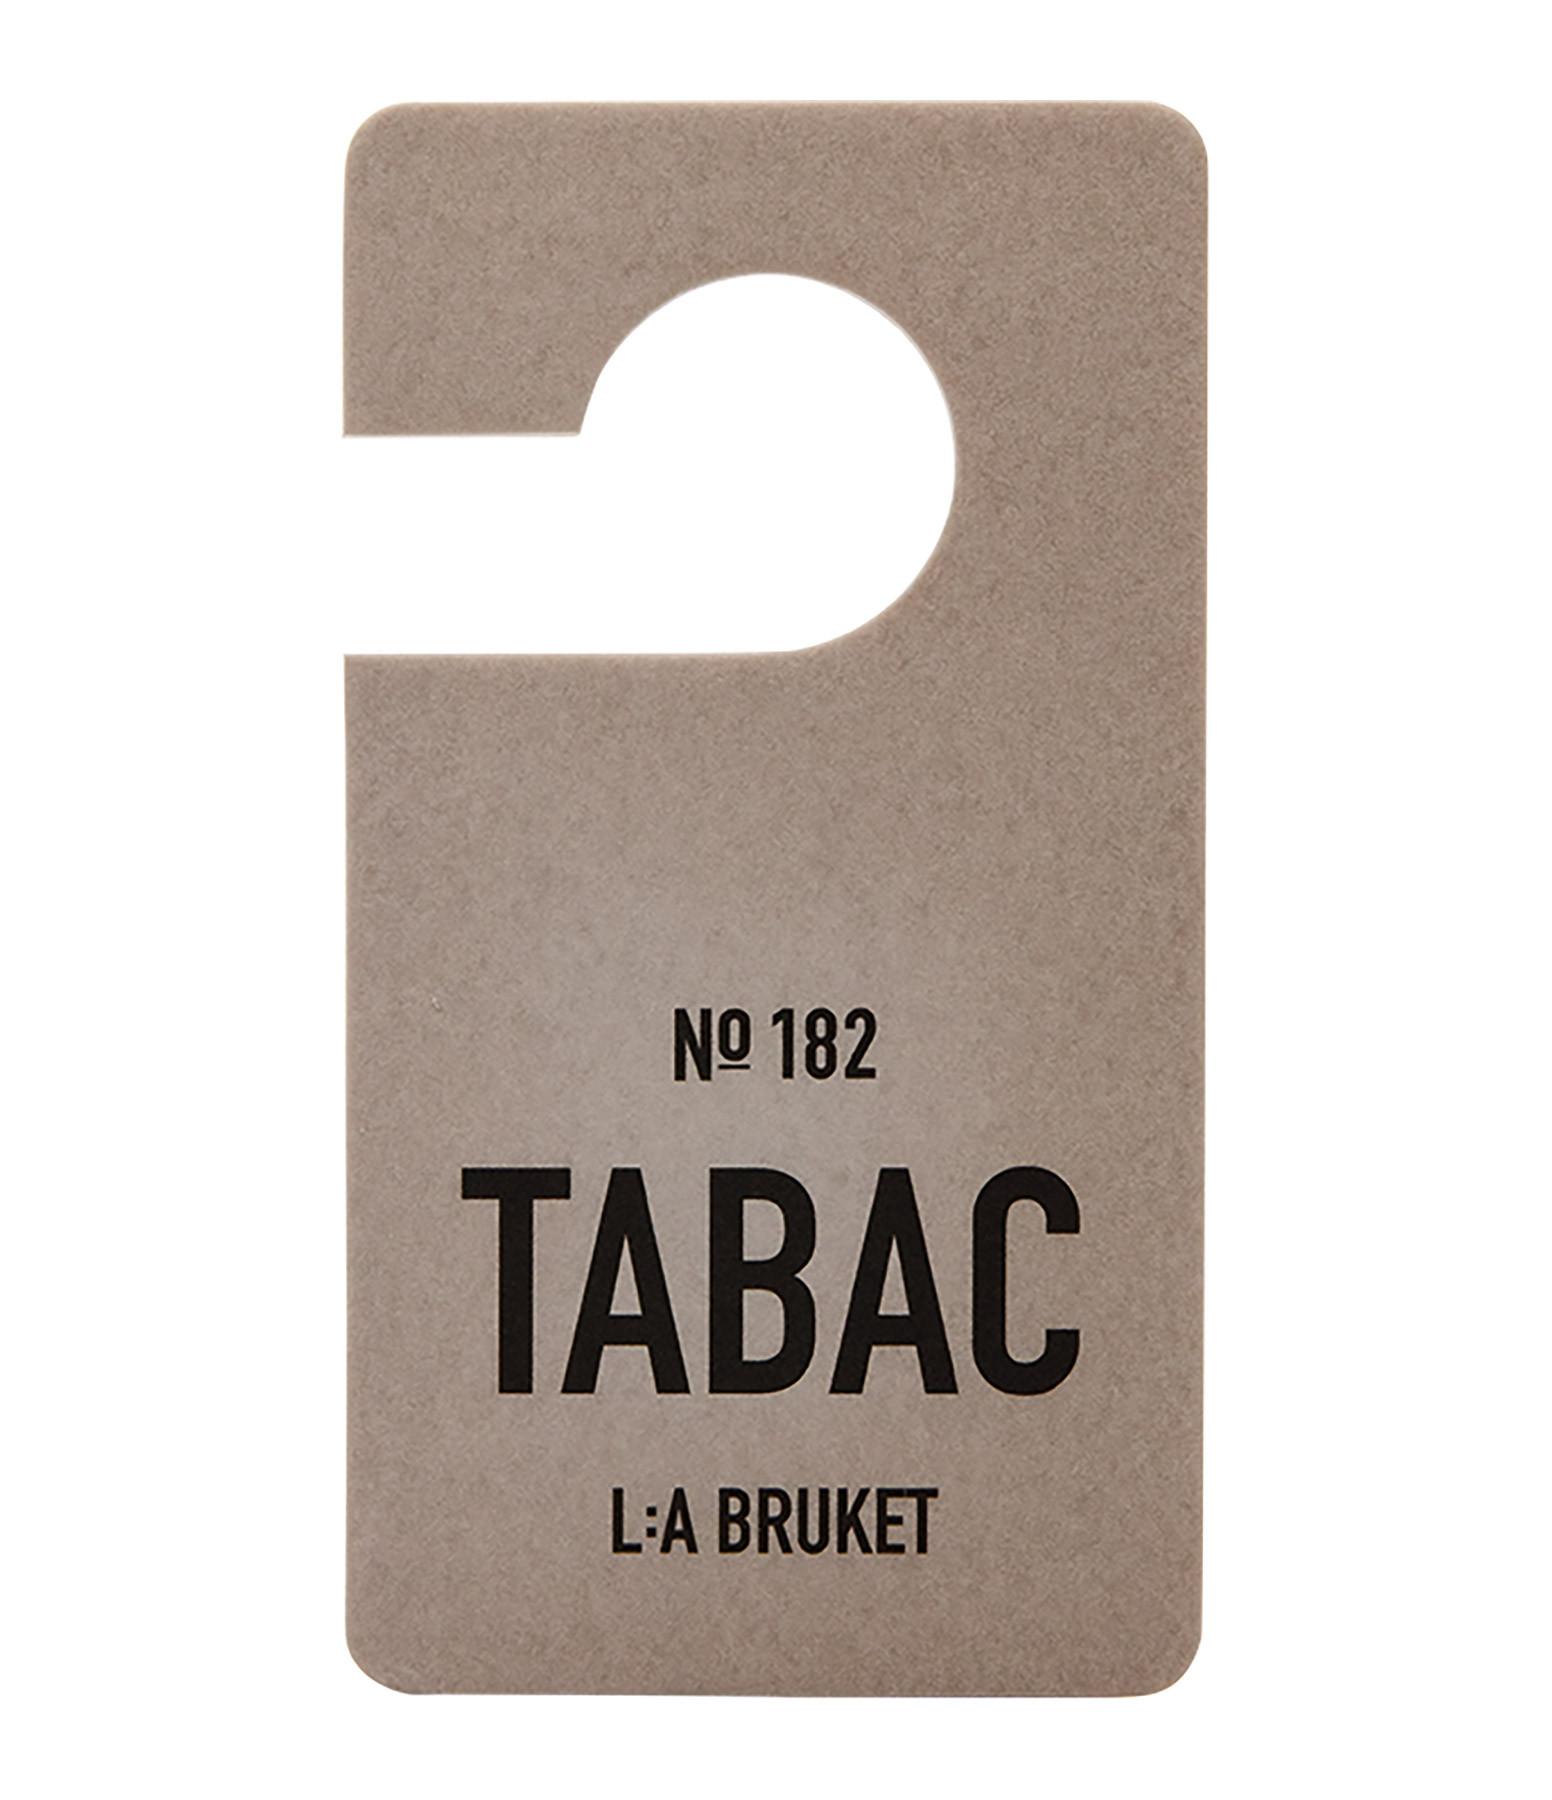 L:A BRUKET - Etiquette Parfumée Tabac N°182